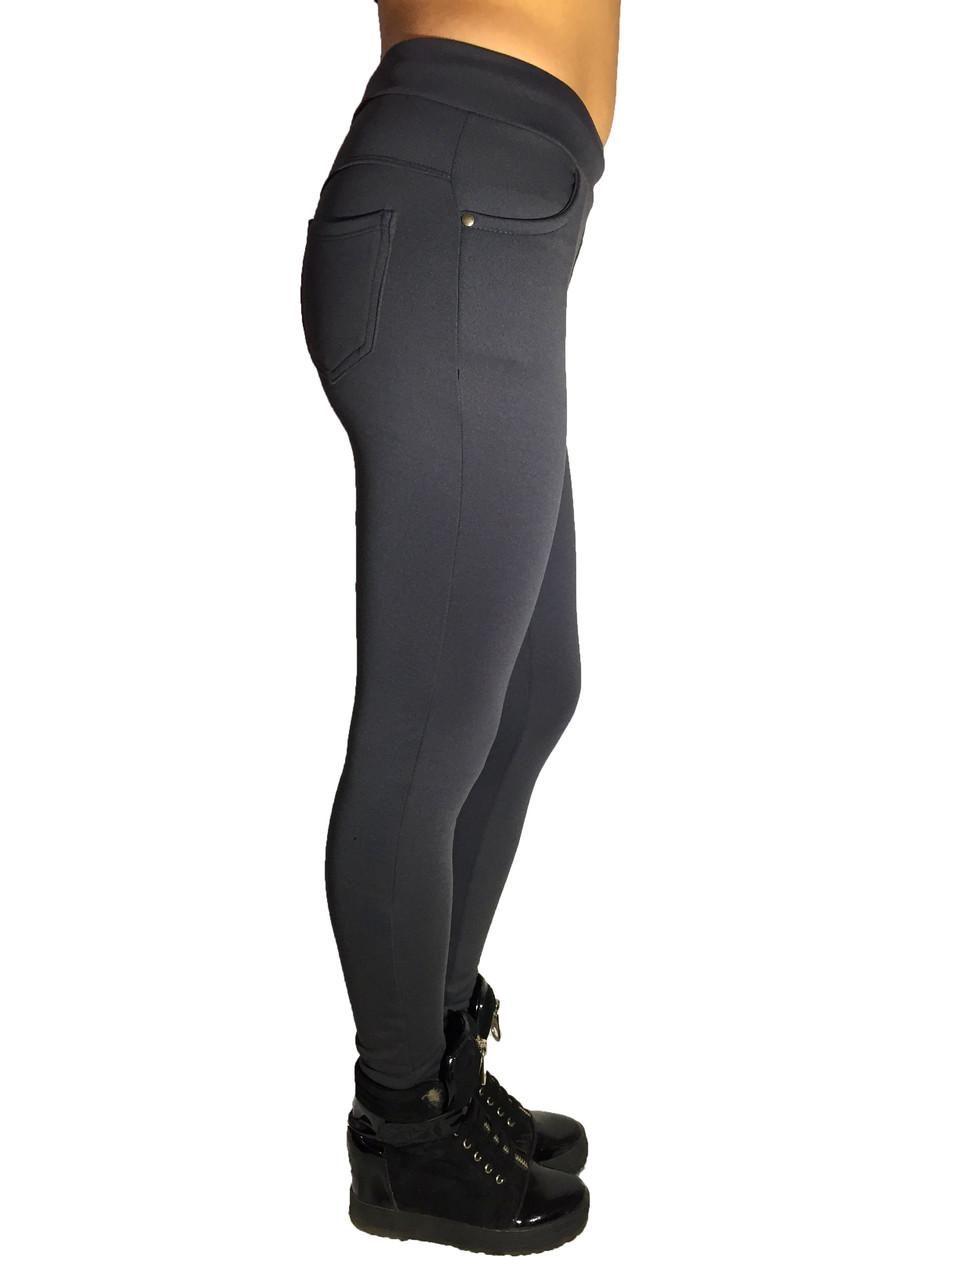 Женские брюки № 151 дайвиг-начес серые НОРМА